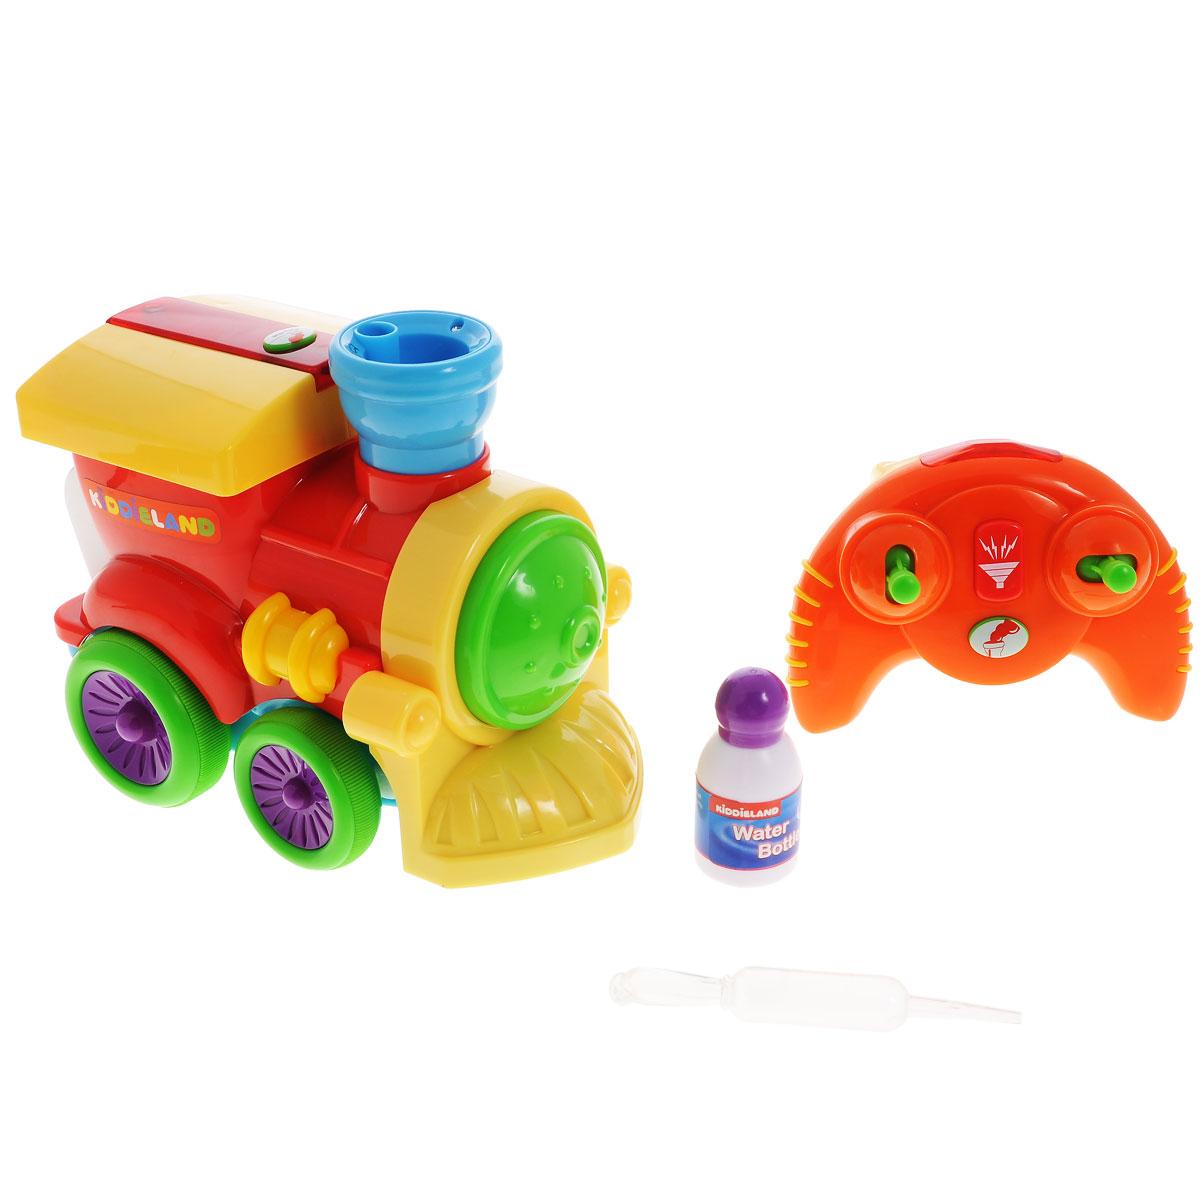 Kiddieland Развивающая игрушка ПаровозикKID 047837Яркая игрушка Kiddieland Развивающая игрушка Паровозик обязательно порадует малыша приятными мелодиями и забавными звуками. Паровозик может ехать вперед, назад, вправо и влево. Кроме того, он выпускает пар: для этого нужно добавить воды в специальную выемку на трубе. Игрушка издает множество забавных звуков. Игрушка на радиоуправлении. Пульт имеет всего два рычага и кнопку, поэтому им легко управлять малышу. Рекомендуемый возраст: от 18 месяцев. Питание: 4 батарейки типа AА, 3 батарейки типа ААА (входят в комплект).